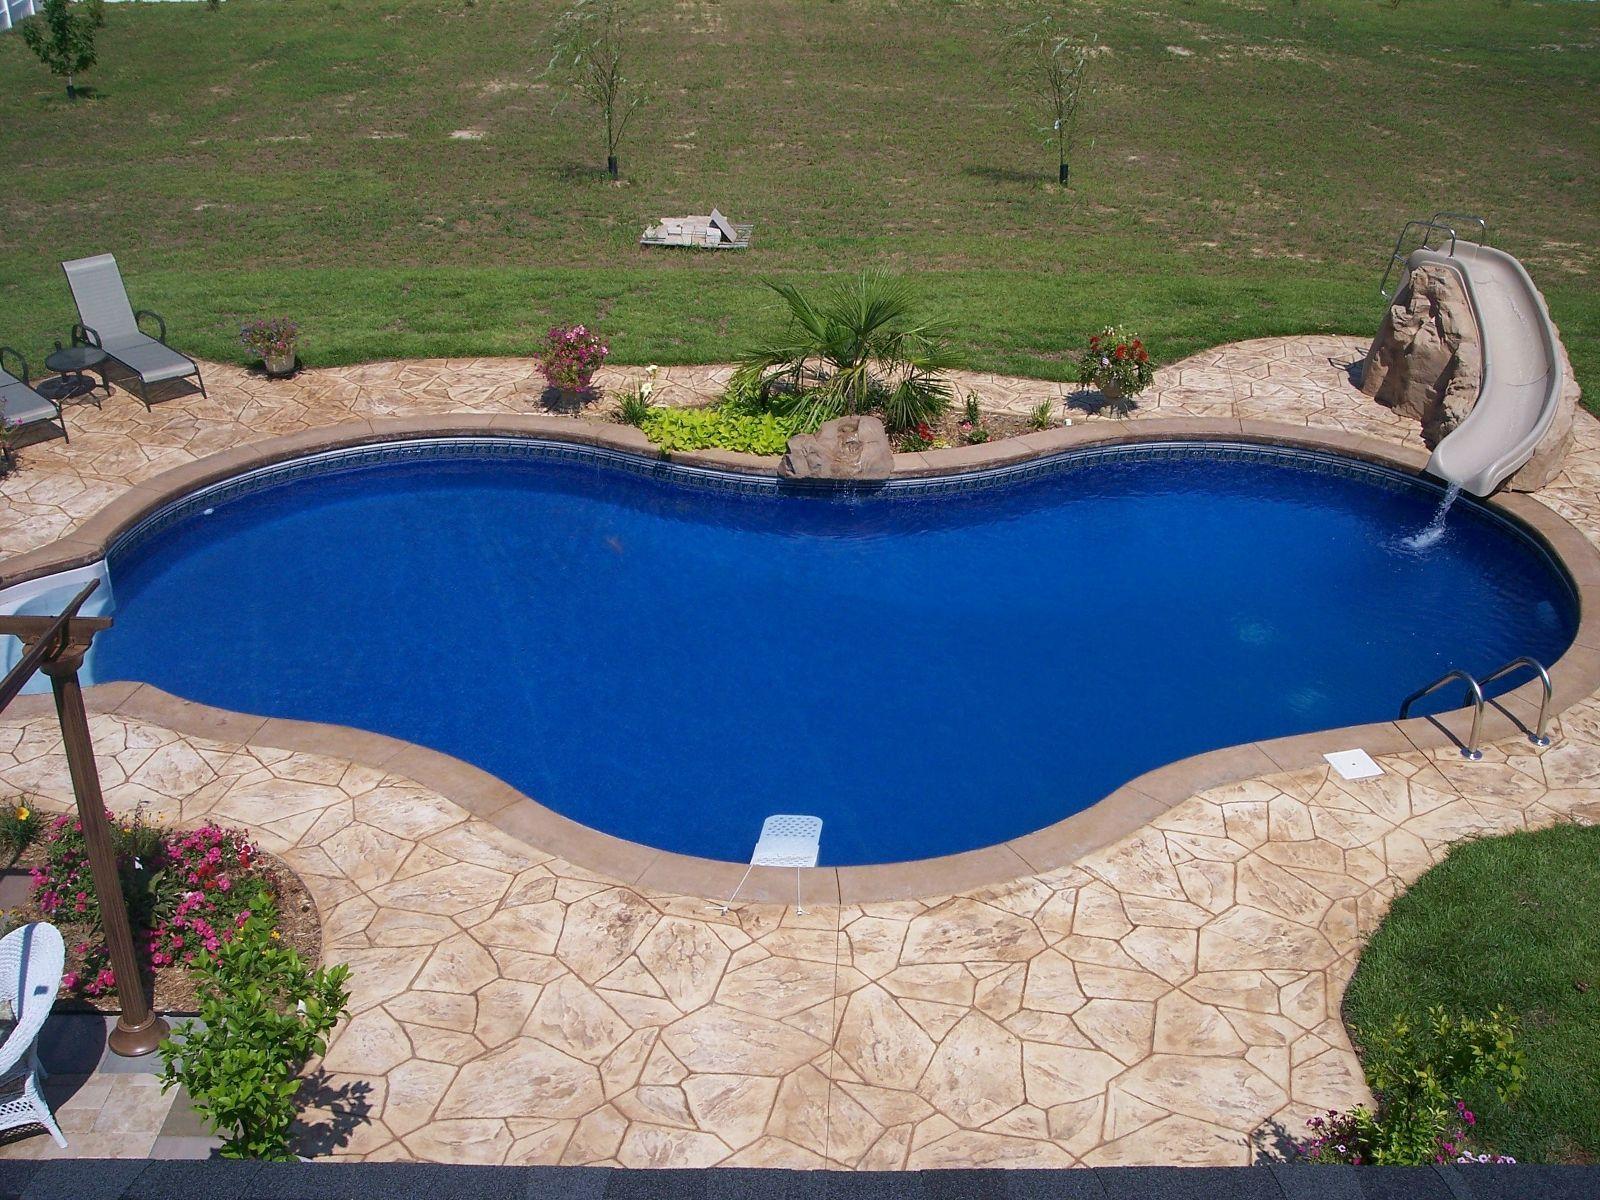 Parrot Bay Pools Vinyl Pools Fiberglass Pools Swimming